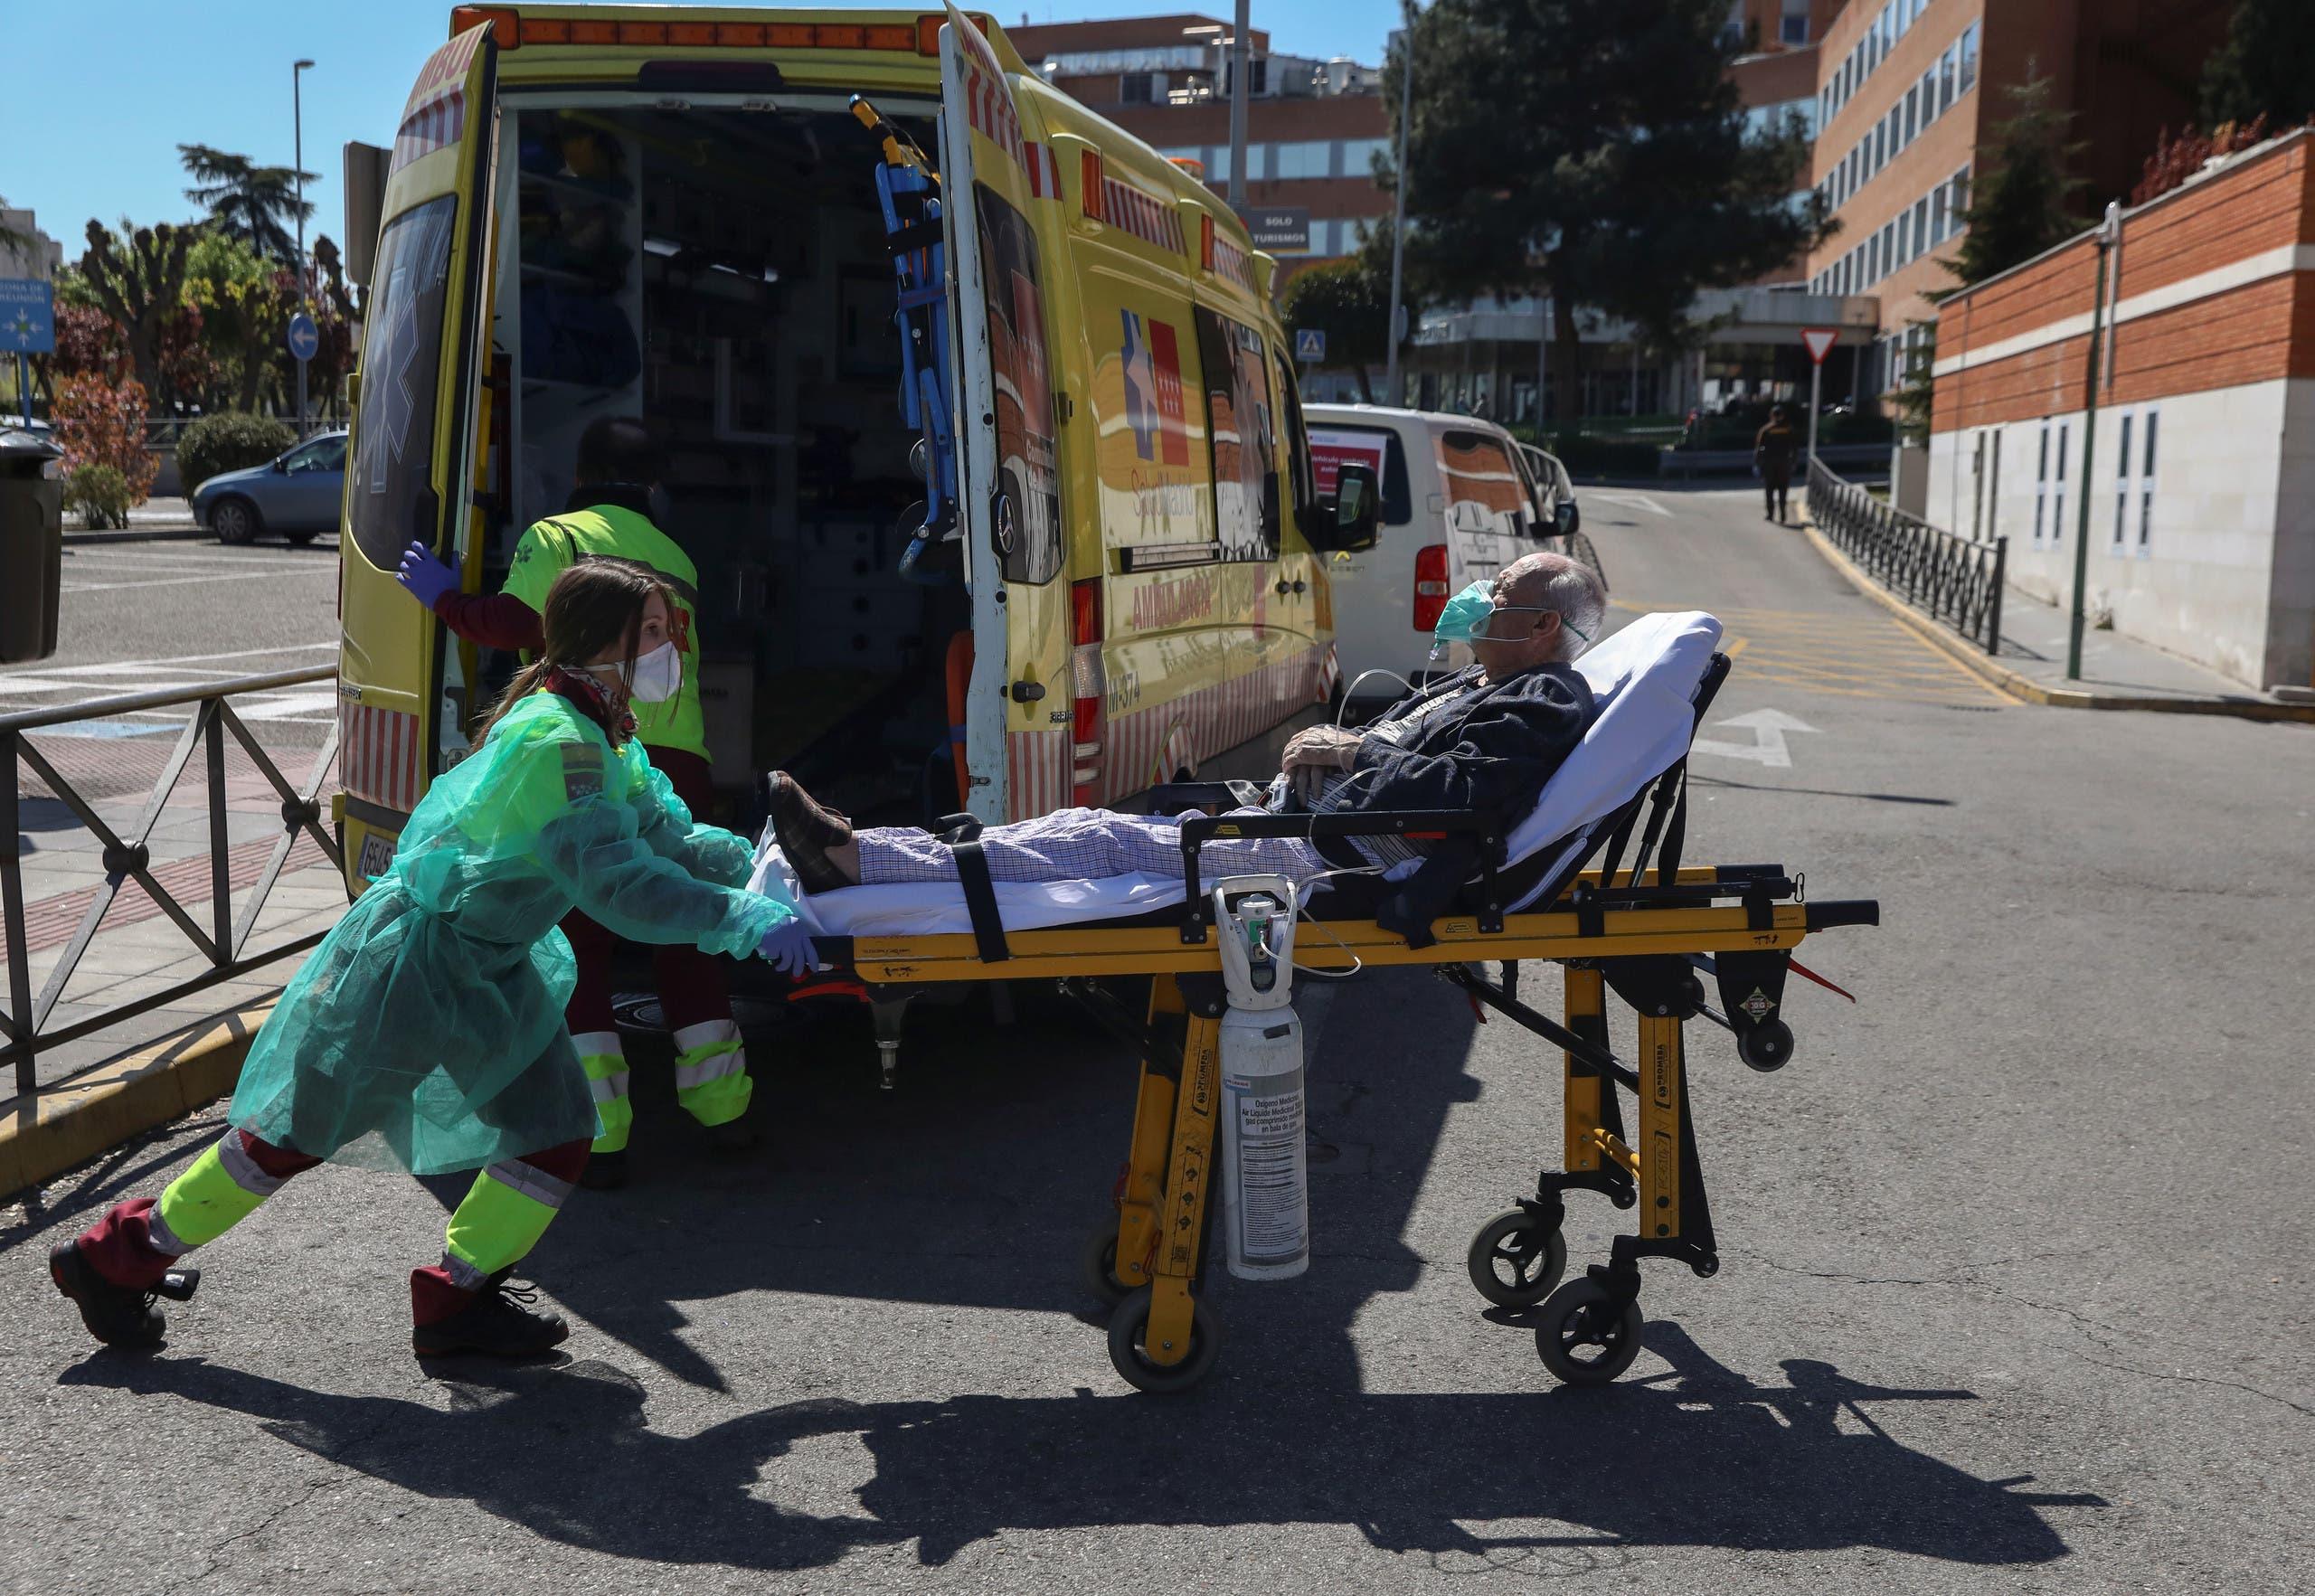 موظفة رعاية صحية تدفع مريضاً على سرير متحرك إلى وحدة الطوارئ بمستشفى في مدريد يوم 28 مارس (رويترز)